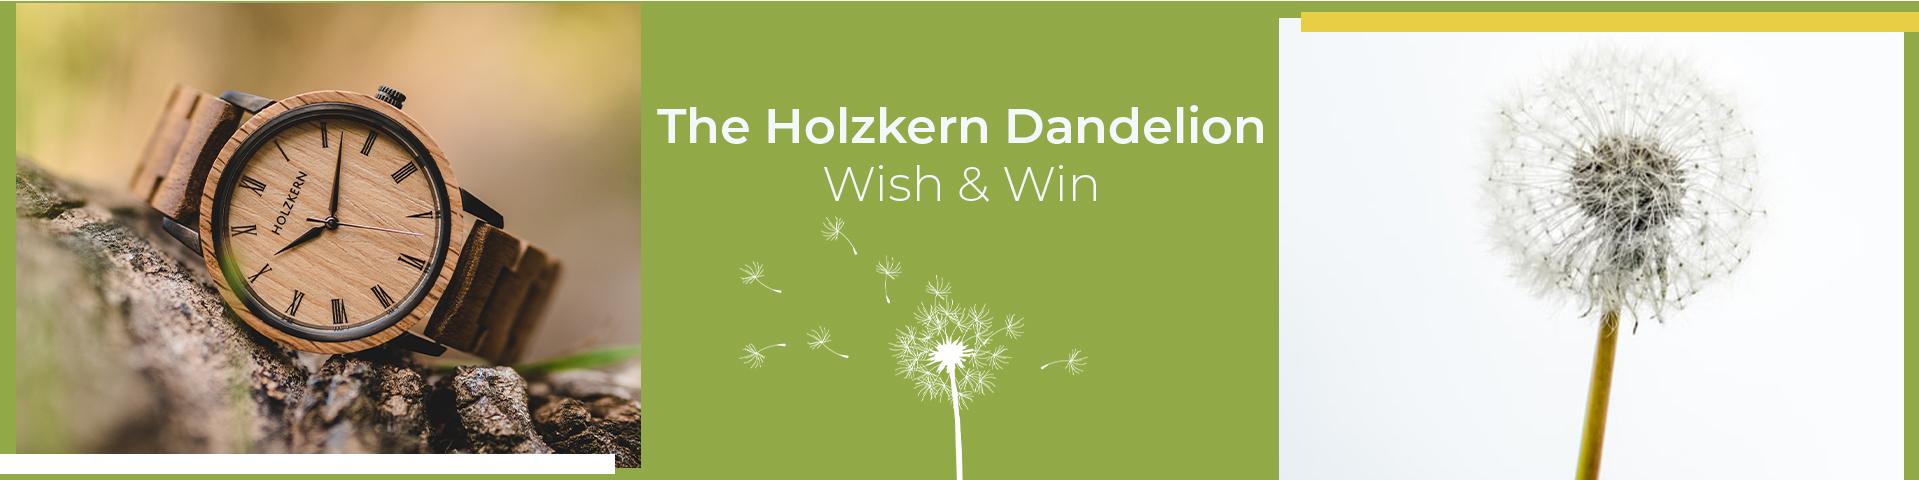 The Holzkern Dandelion - Wish & Win